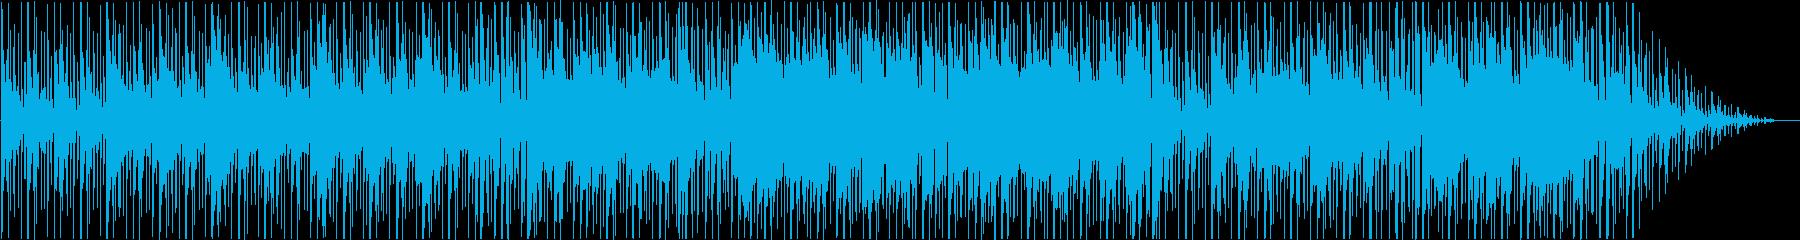 ローズエレピが心地よいスムースジャズの再生済みの波形